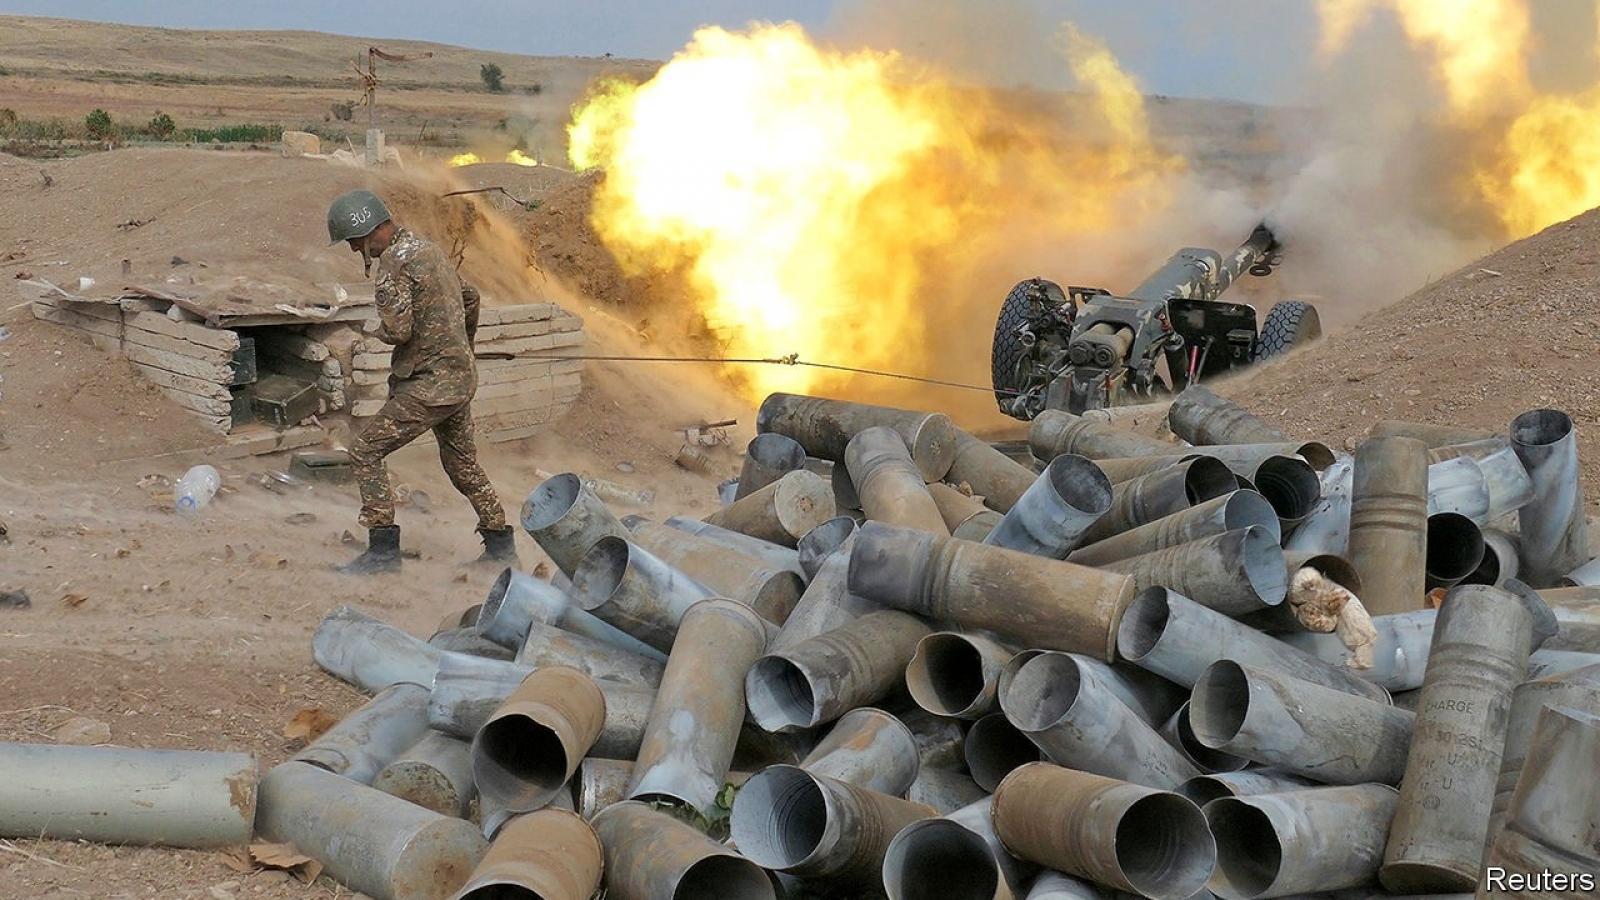 Lệnh ngừng bắn lần thứ 4 bị phá vỡ, nguy cơ tái diễn xung đột tại Nagorno-Karabakh